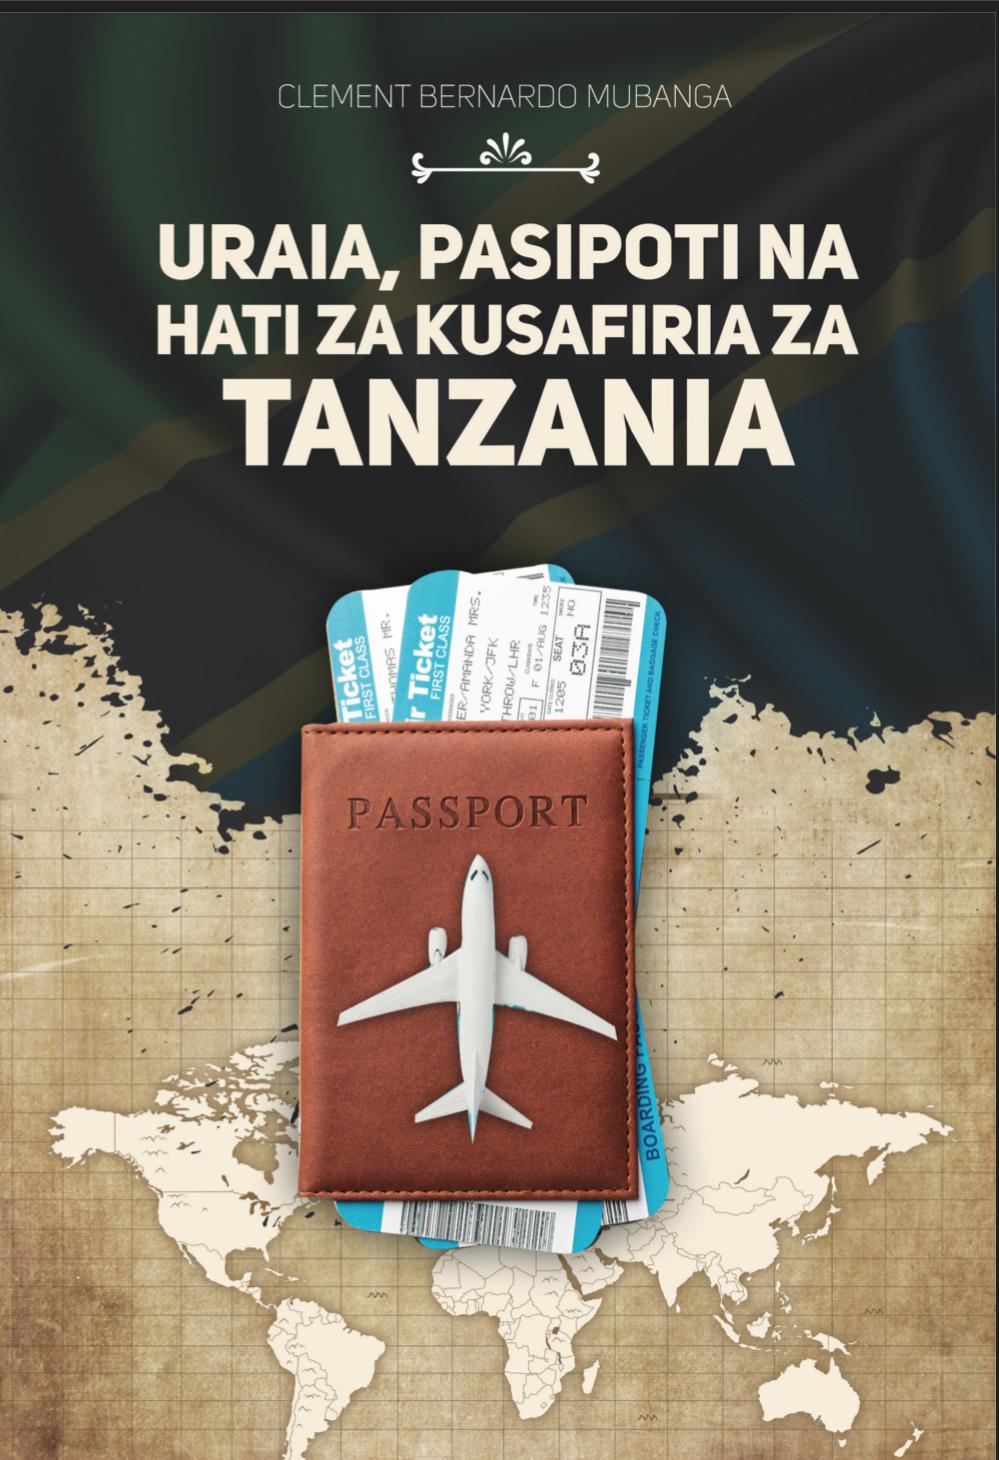 Uraia, Pasipoti Na Hati Za Kusafiria Za Tanzania